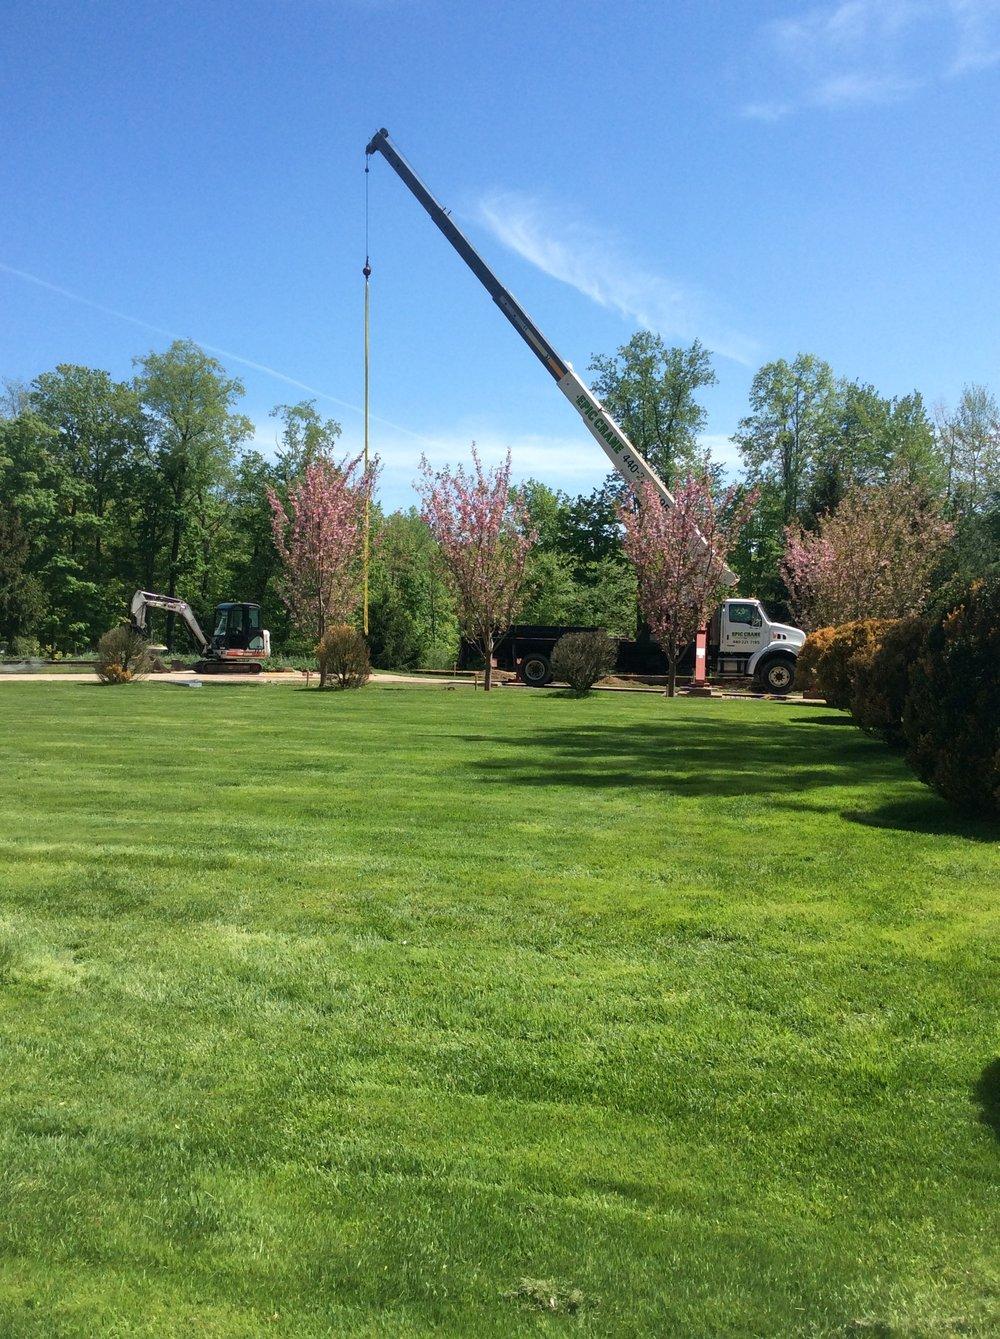 Unilock tree care company in Novelty, OH